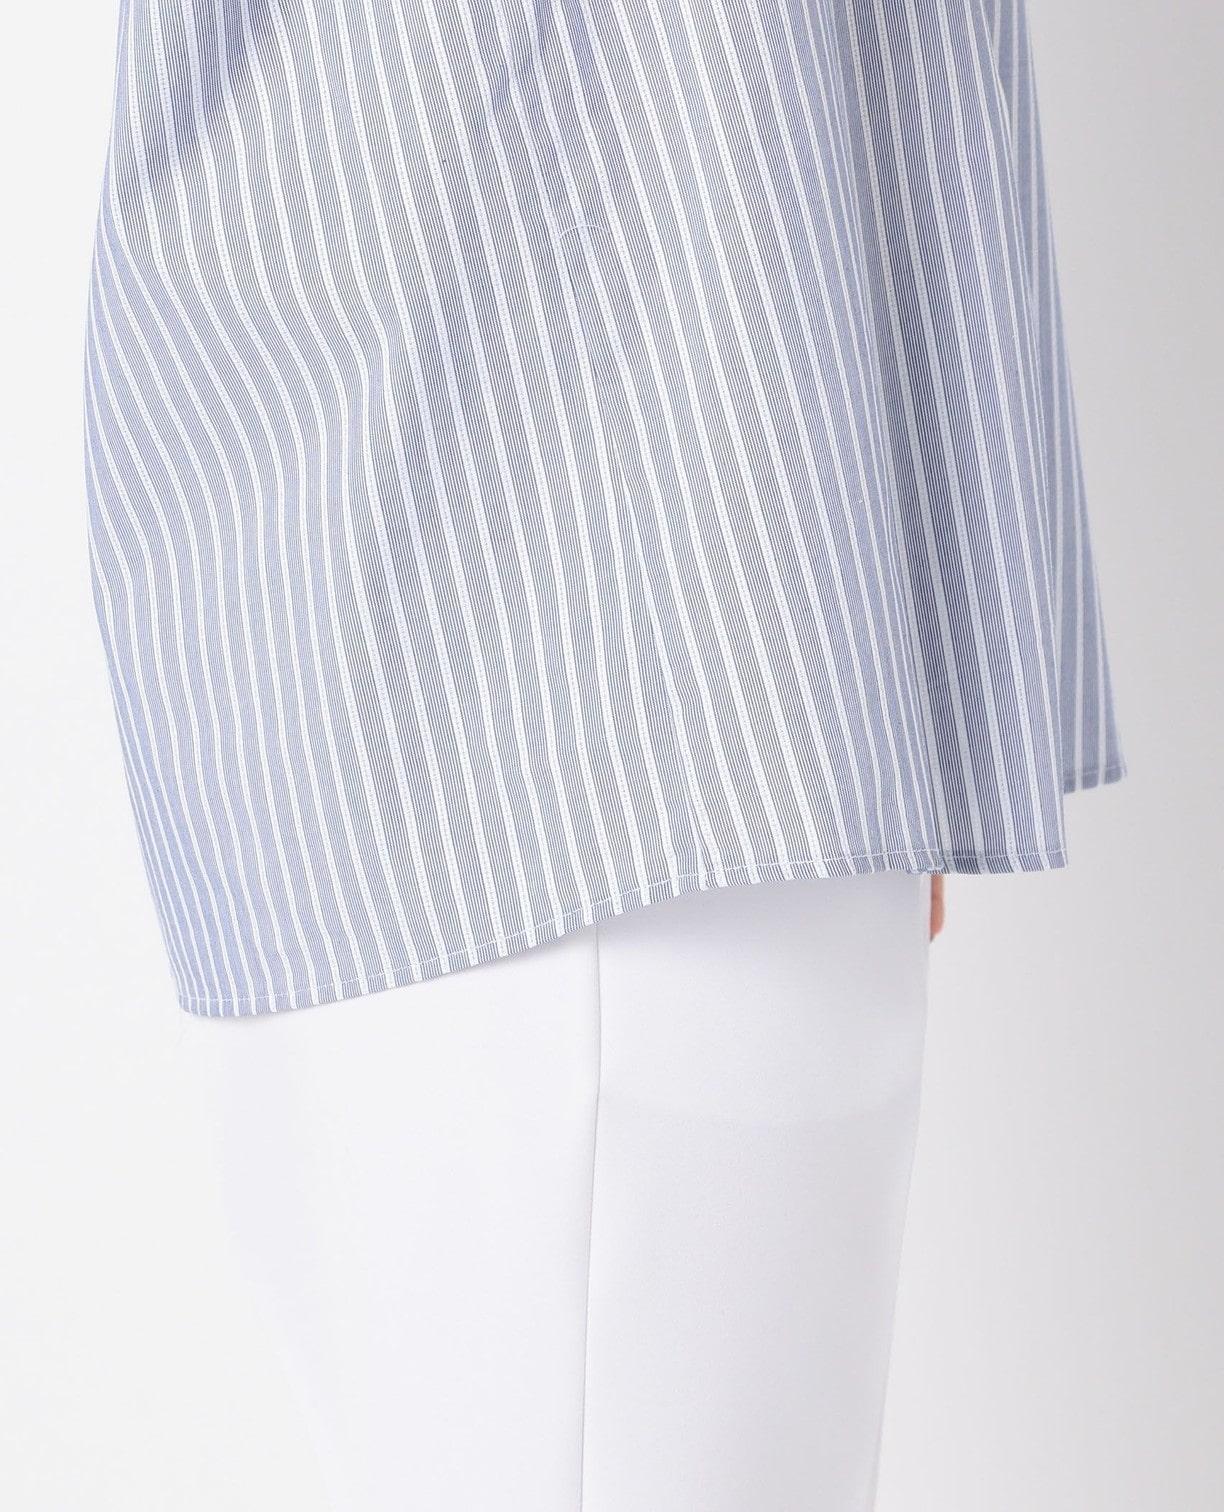 アイレットストライプドロップショルダーギャザースリーブシャツ